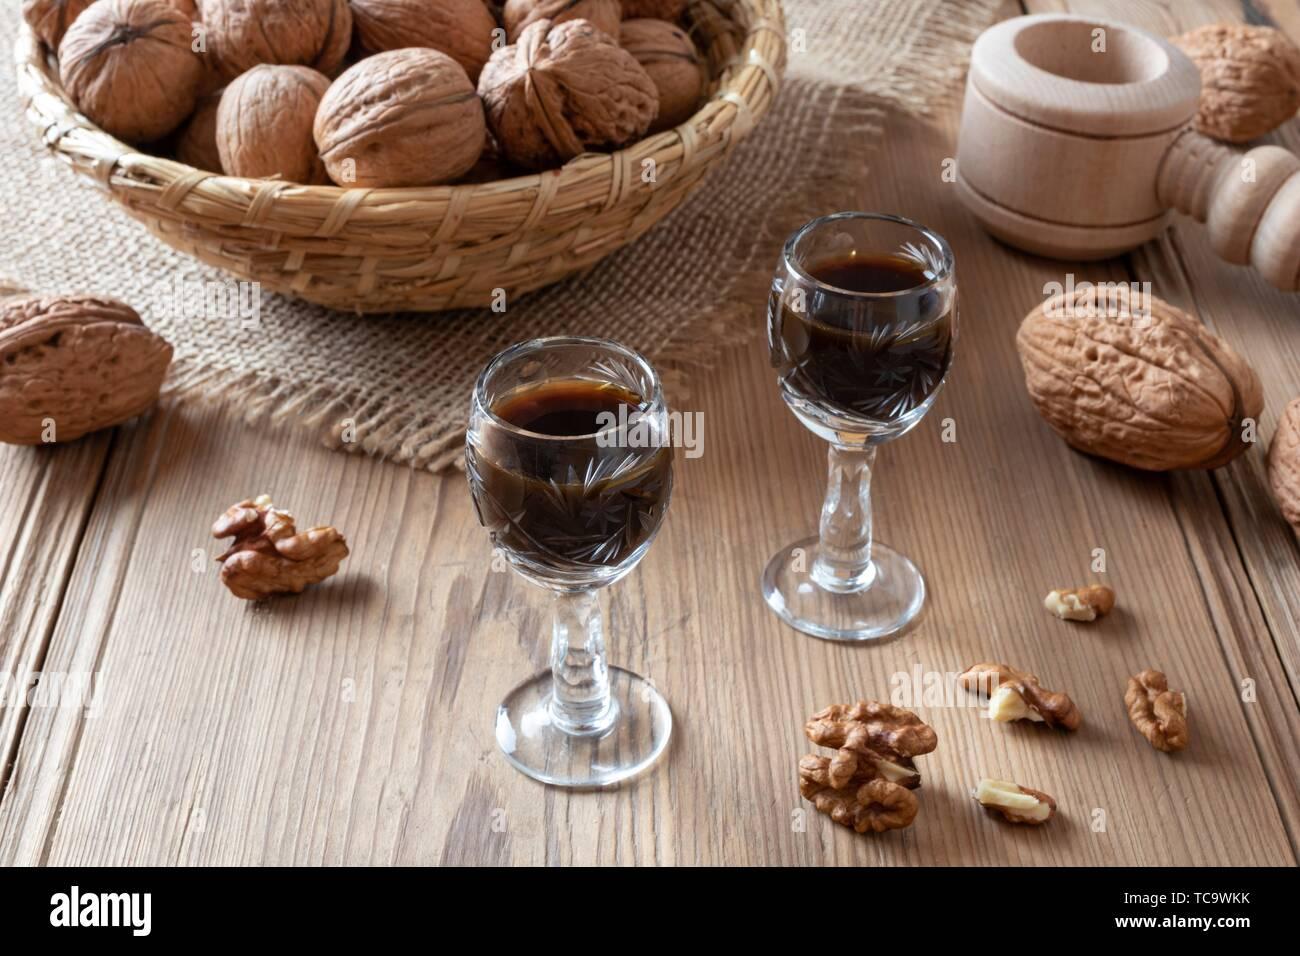 Liqueur de noix fait maison avec des noix sur une table. Banque D'Images